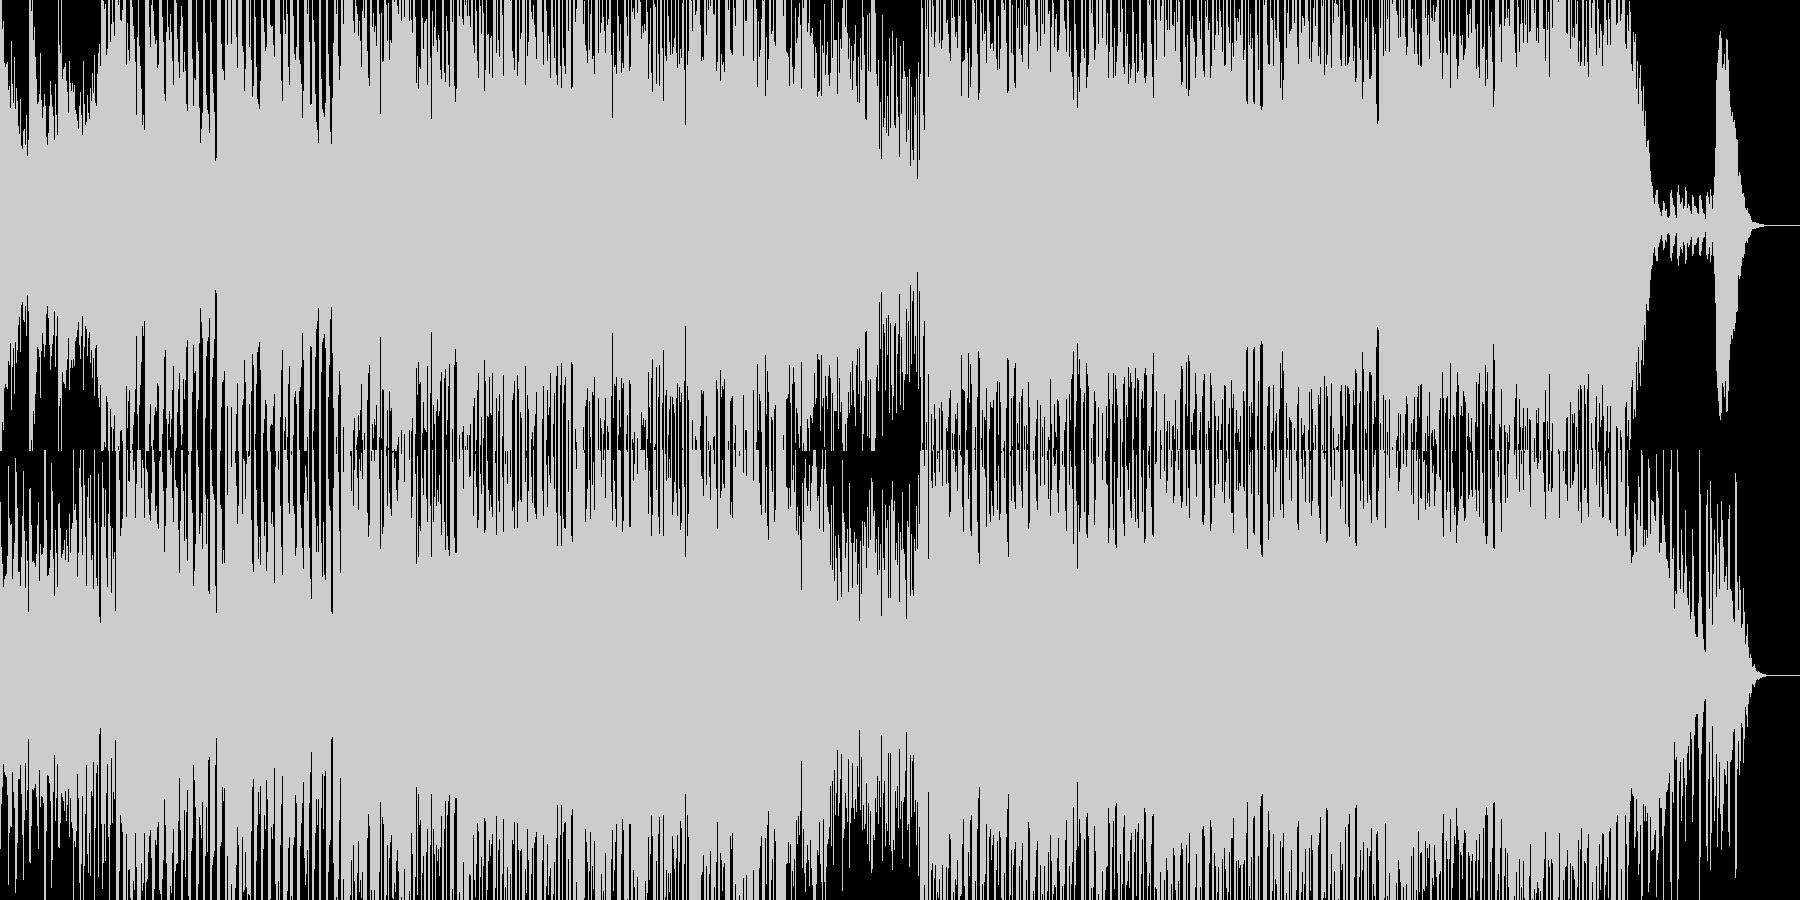 ストリングスによる哀愁感のあるメロディーの未再生の波形